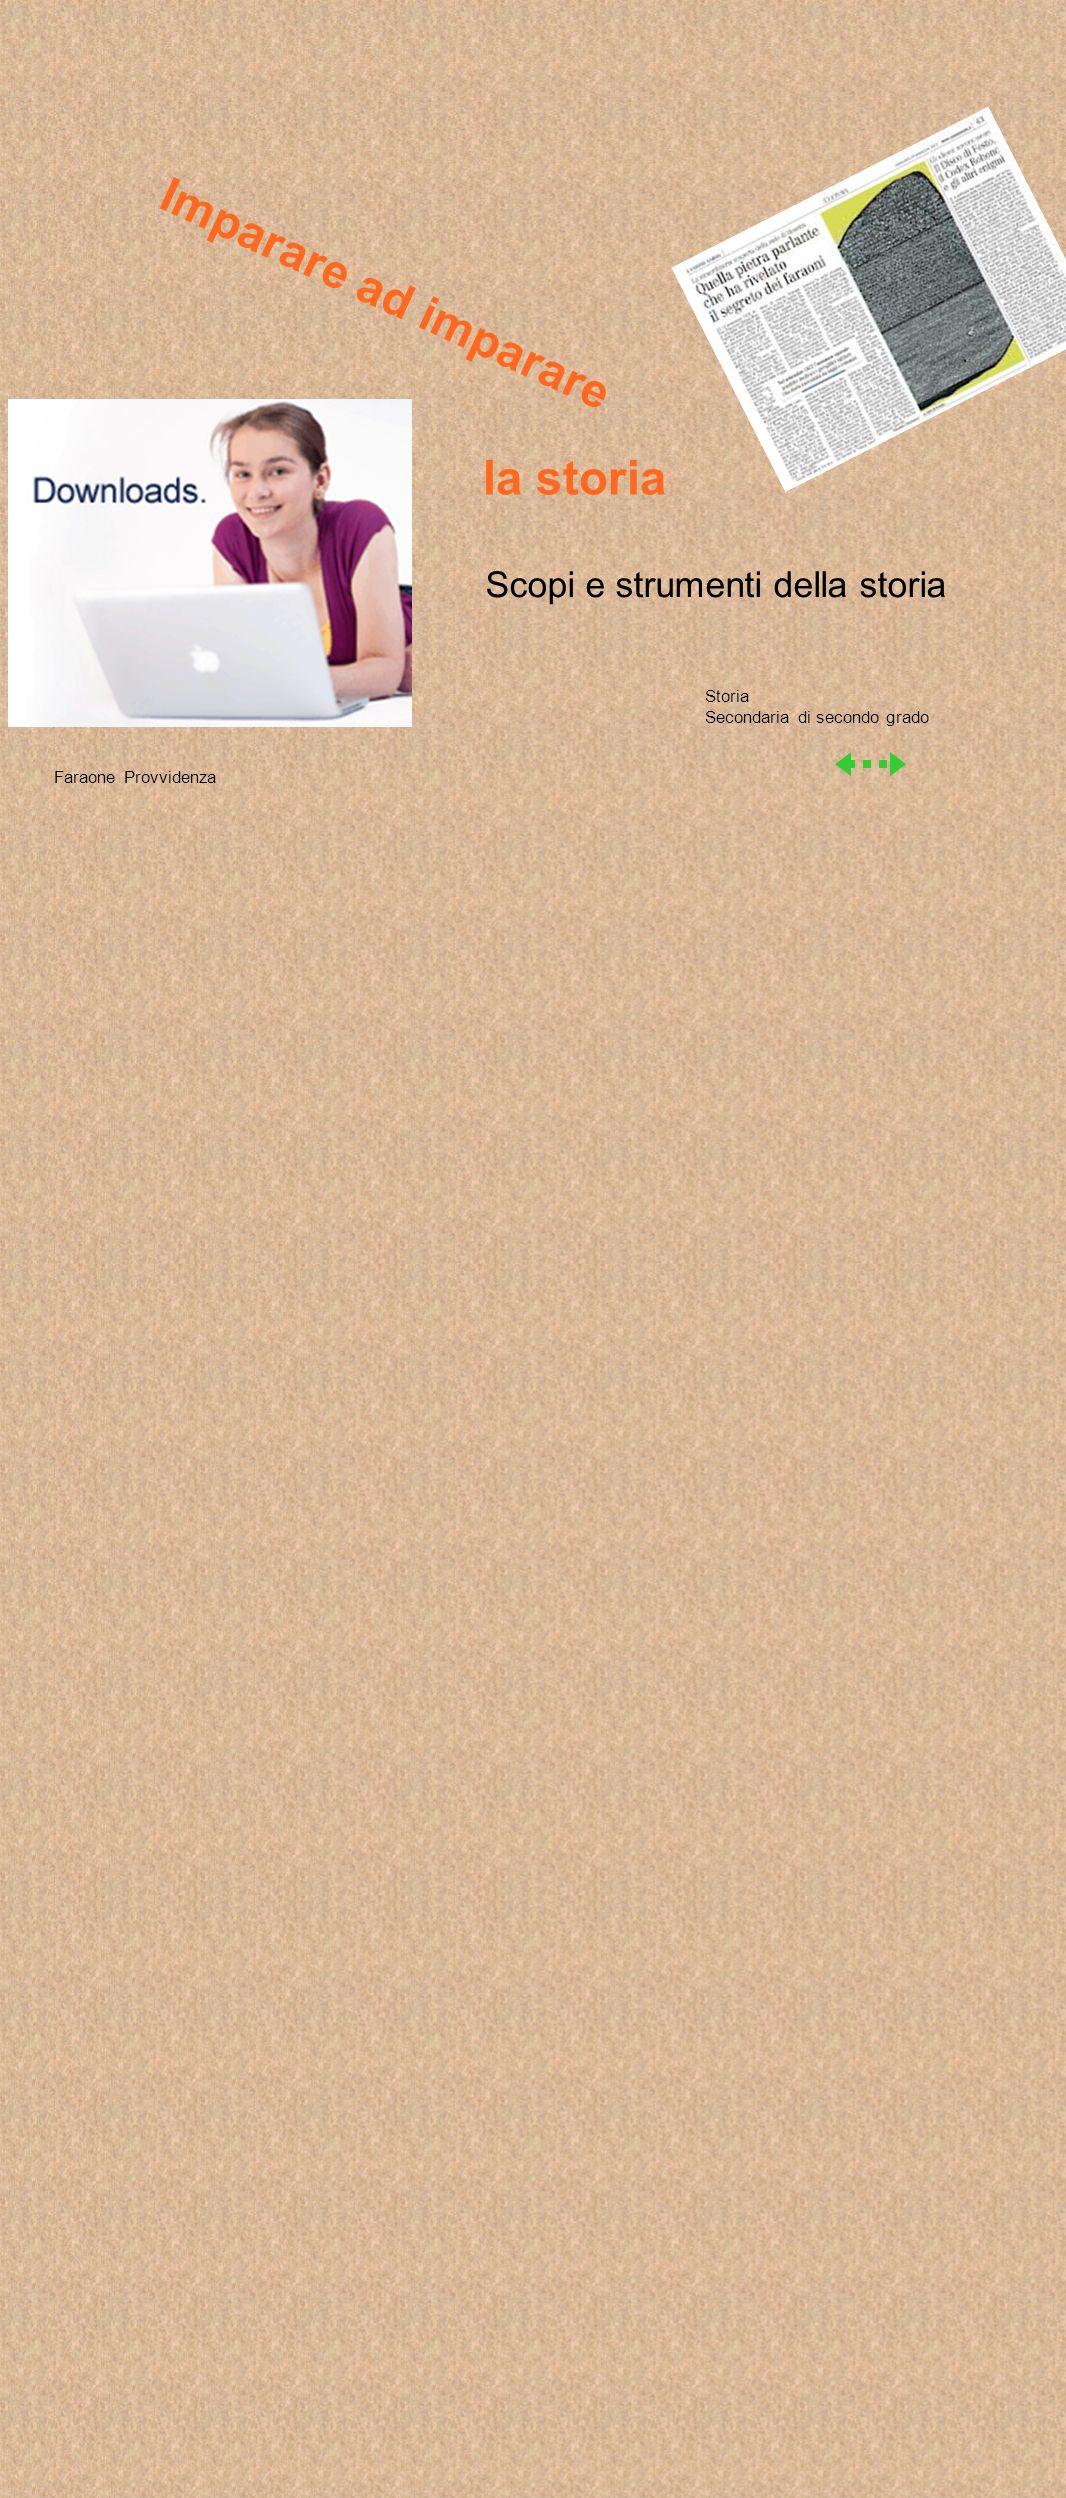 Iconografiche c ostituite da immagini Altre tipologie di fonti Letterarie o ssia costituite da opere di letteratura, storia, scienze Epigrafiche s e si tratta di iscrizioni su pietra, metallo argilla Monumentali r esti di edifici antichi